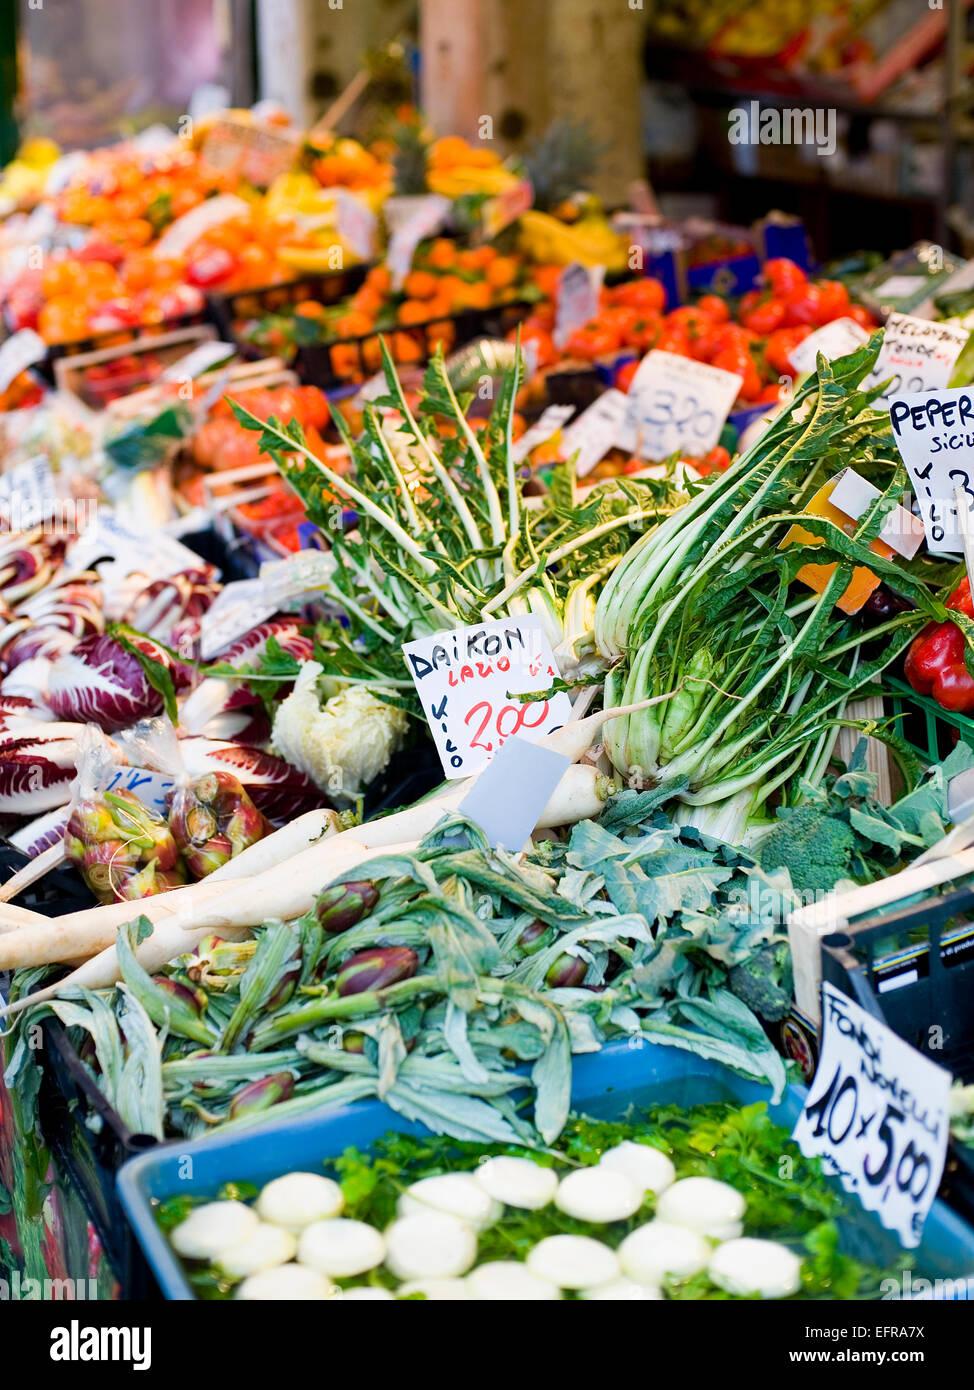 Ein Marktstand, beladen mit frischem Gemüse auf dem Rialto-Lebensmittelmarkt. Stockbild